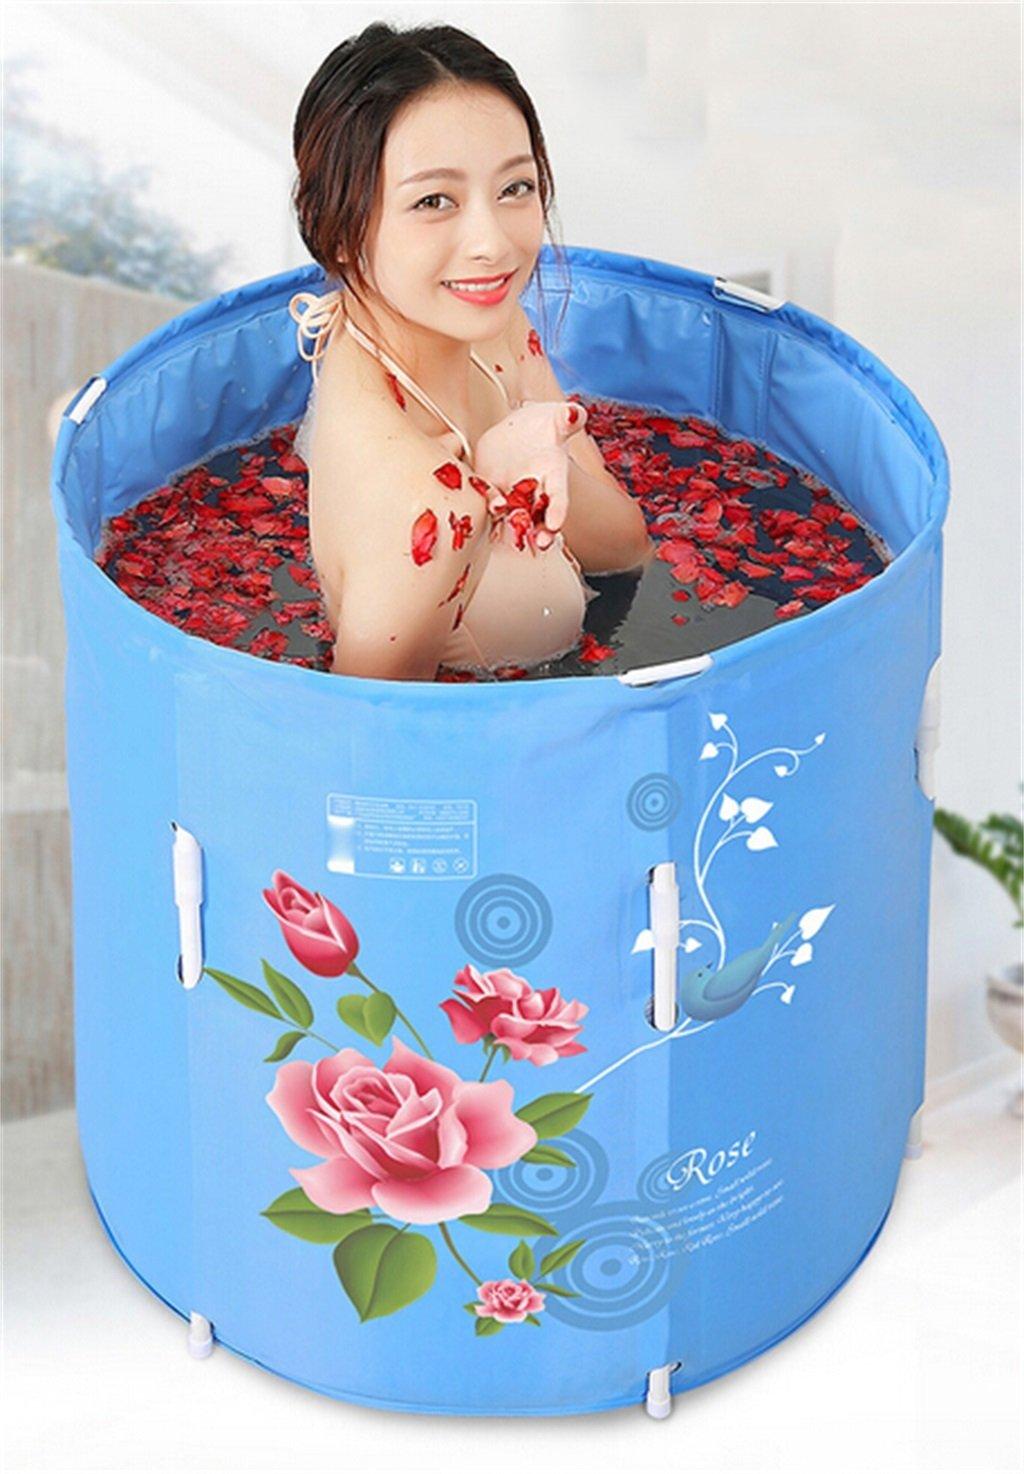 LQQGXL,Bath Bathtub Thickening Adult Bathtub Foldable Can Up And Down Child Take A Bath Bath Tub Plastic Bath Barrels Gift Four Seasons General Blue Rose Inflatable bathtub